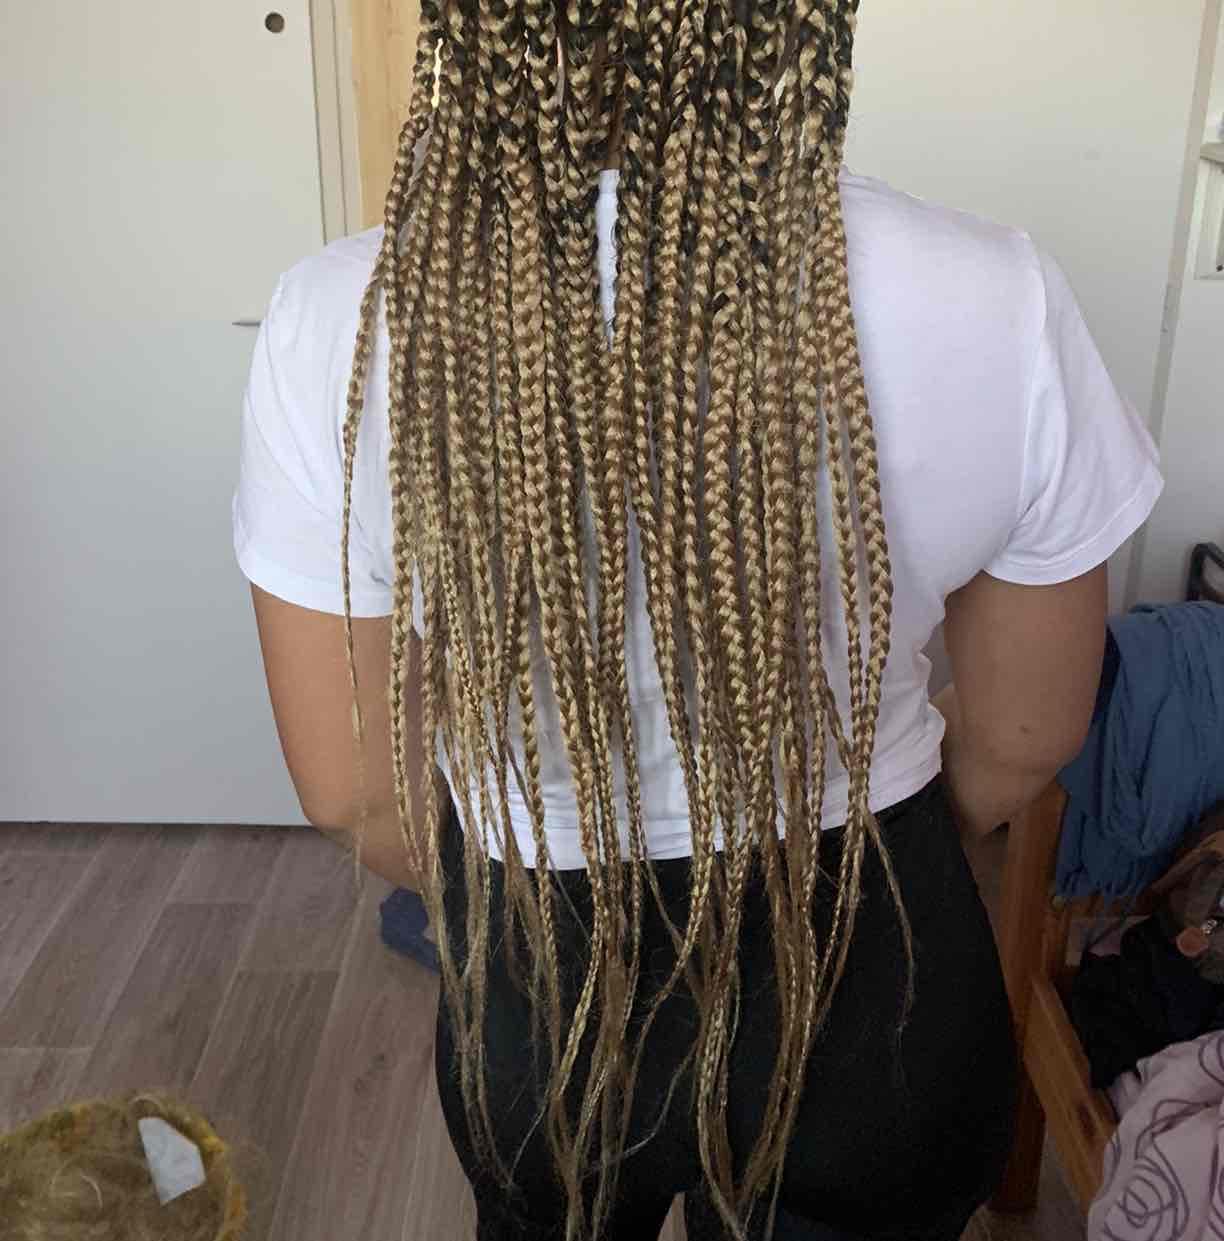 salon de coiffure afro tresse tresses box braids crochet braids vanilles tissages paris 75 77 78 91 92 93 94 95 ESJFXERH